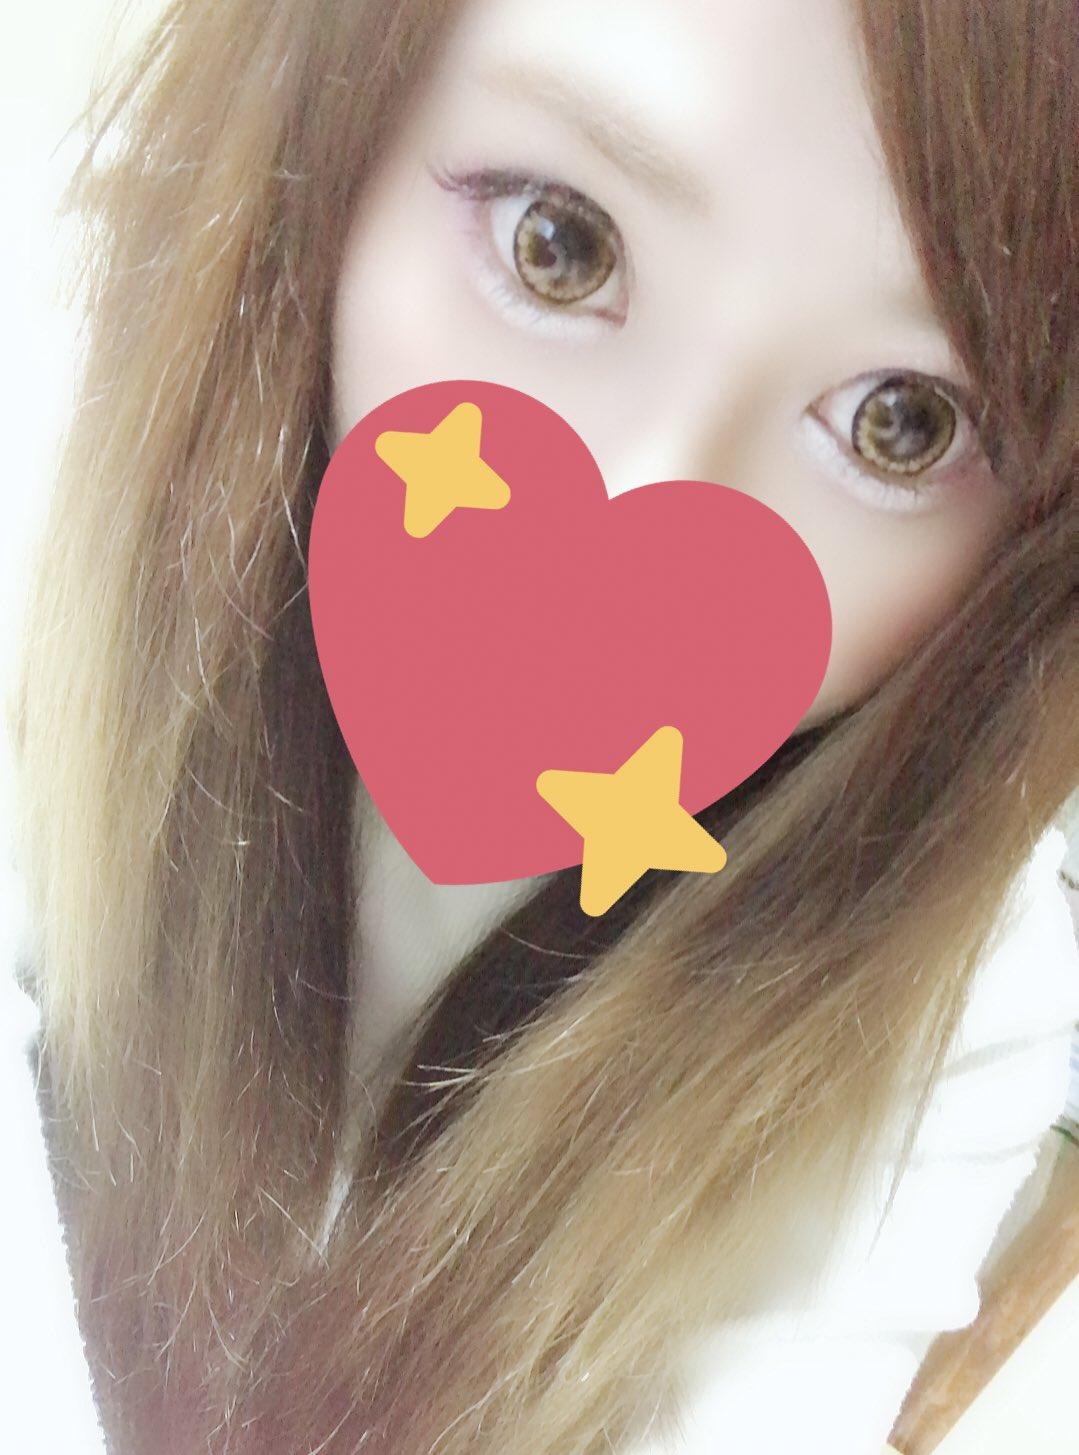 コスプレイヤーえなこさん(25)のキュートなヒップがエロ可愛いお尻画像!!!!!!!!!!!!!!! WKDjzM4